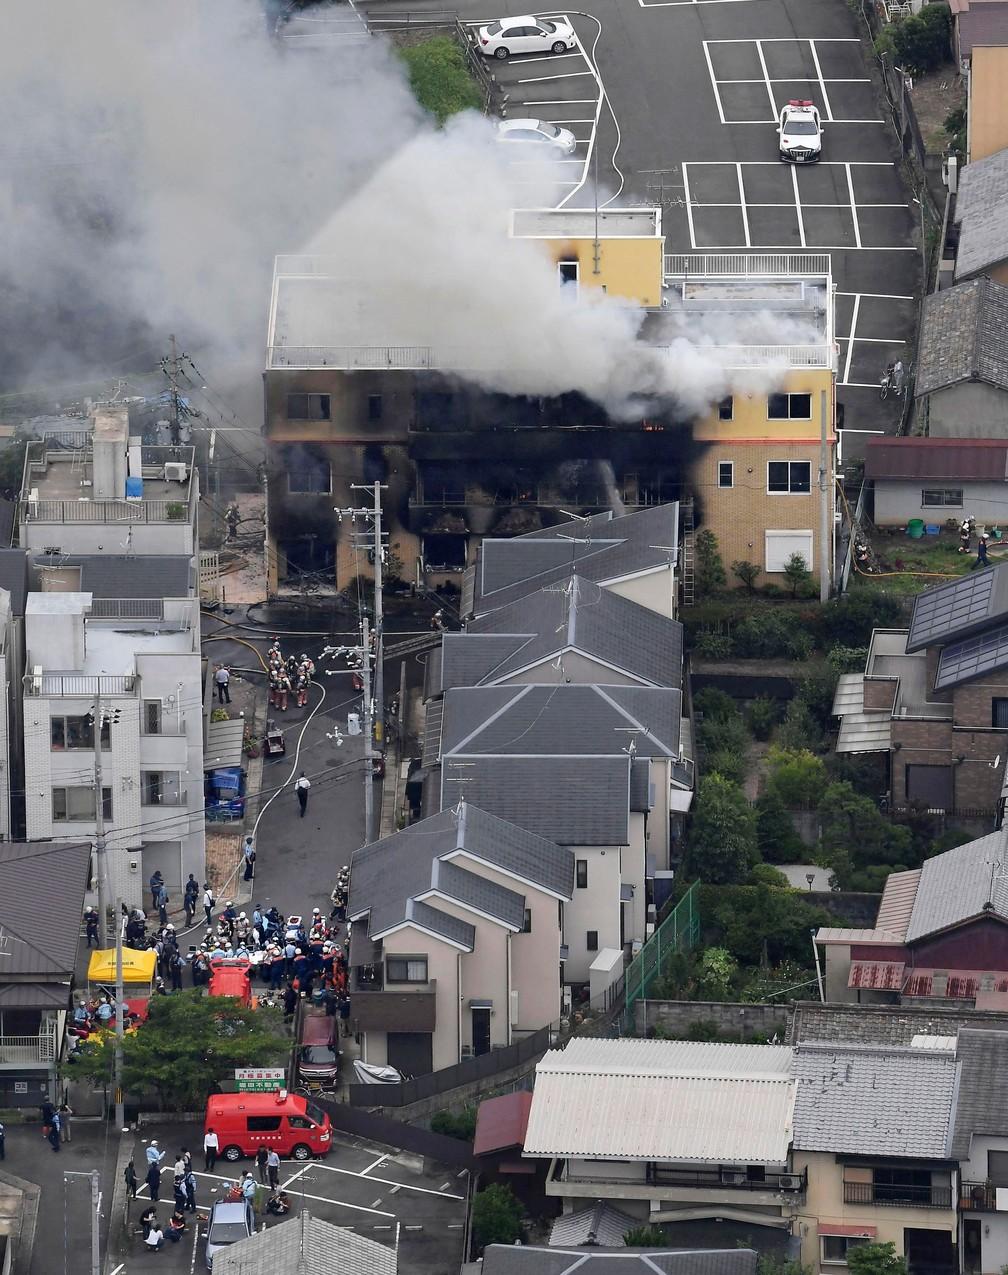 Fumaça sai do prédio de três andares da Kyoto Animation, no oeste do Japão, nesta quinta-feira (18)  — Foto: Kyodo News via AP